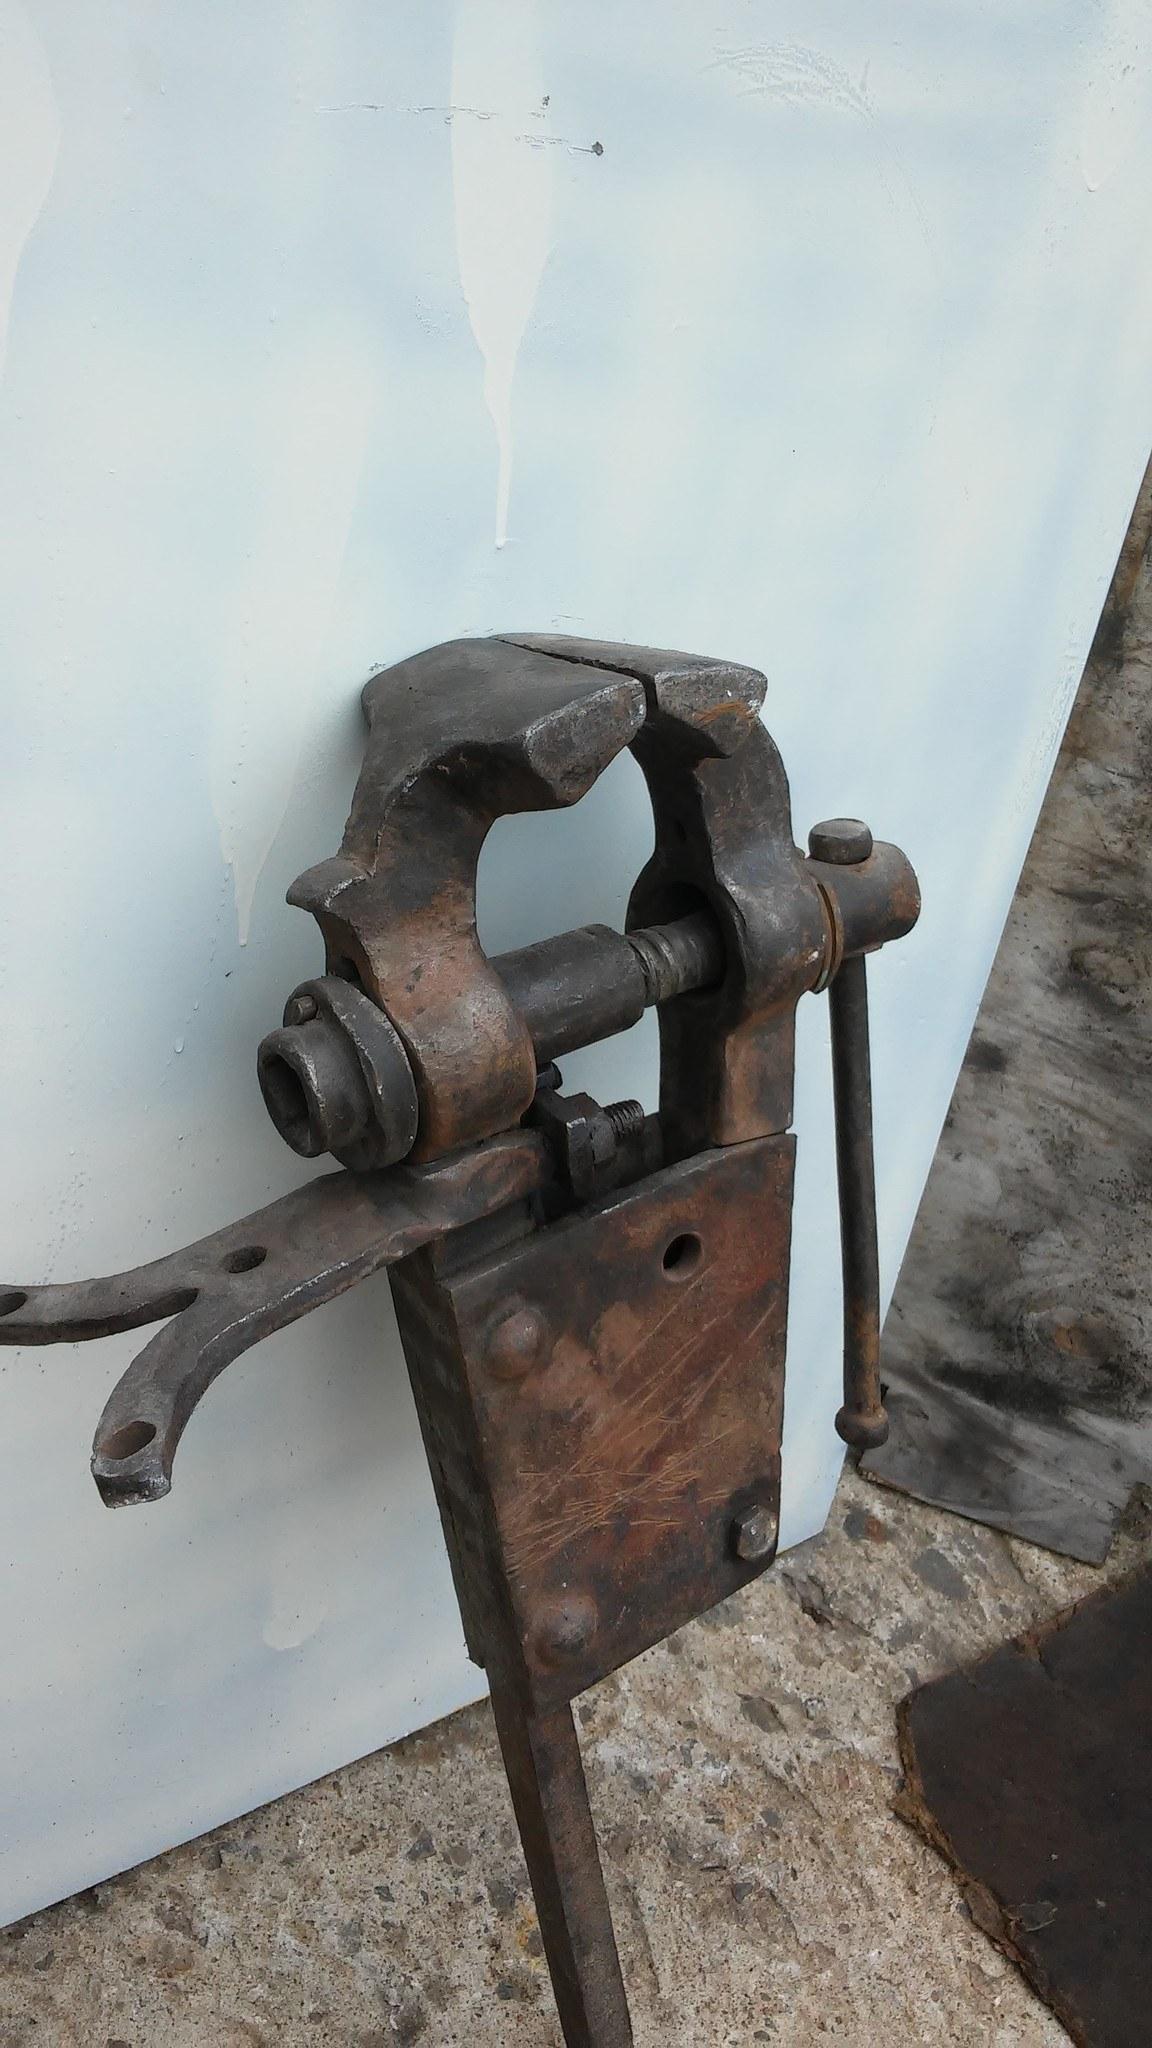 карузо один старые тиски сделанные в туле фото несколько